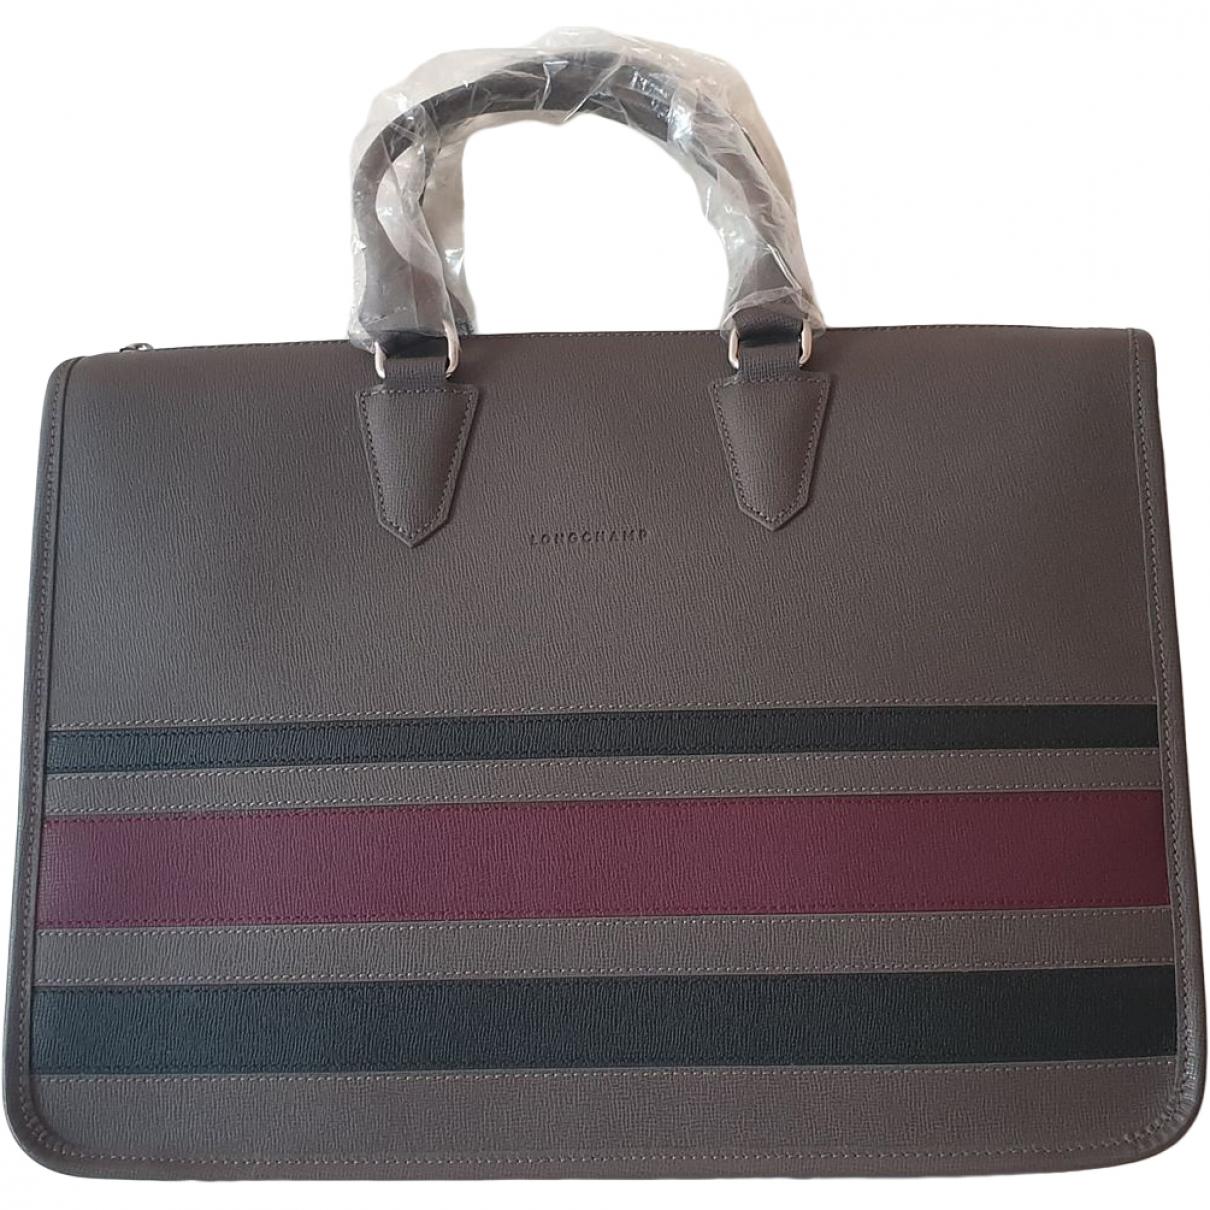 Longchamp - Sac a main   pour femme en cuir - anthracite